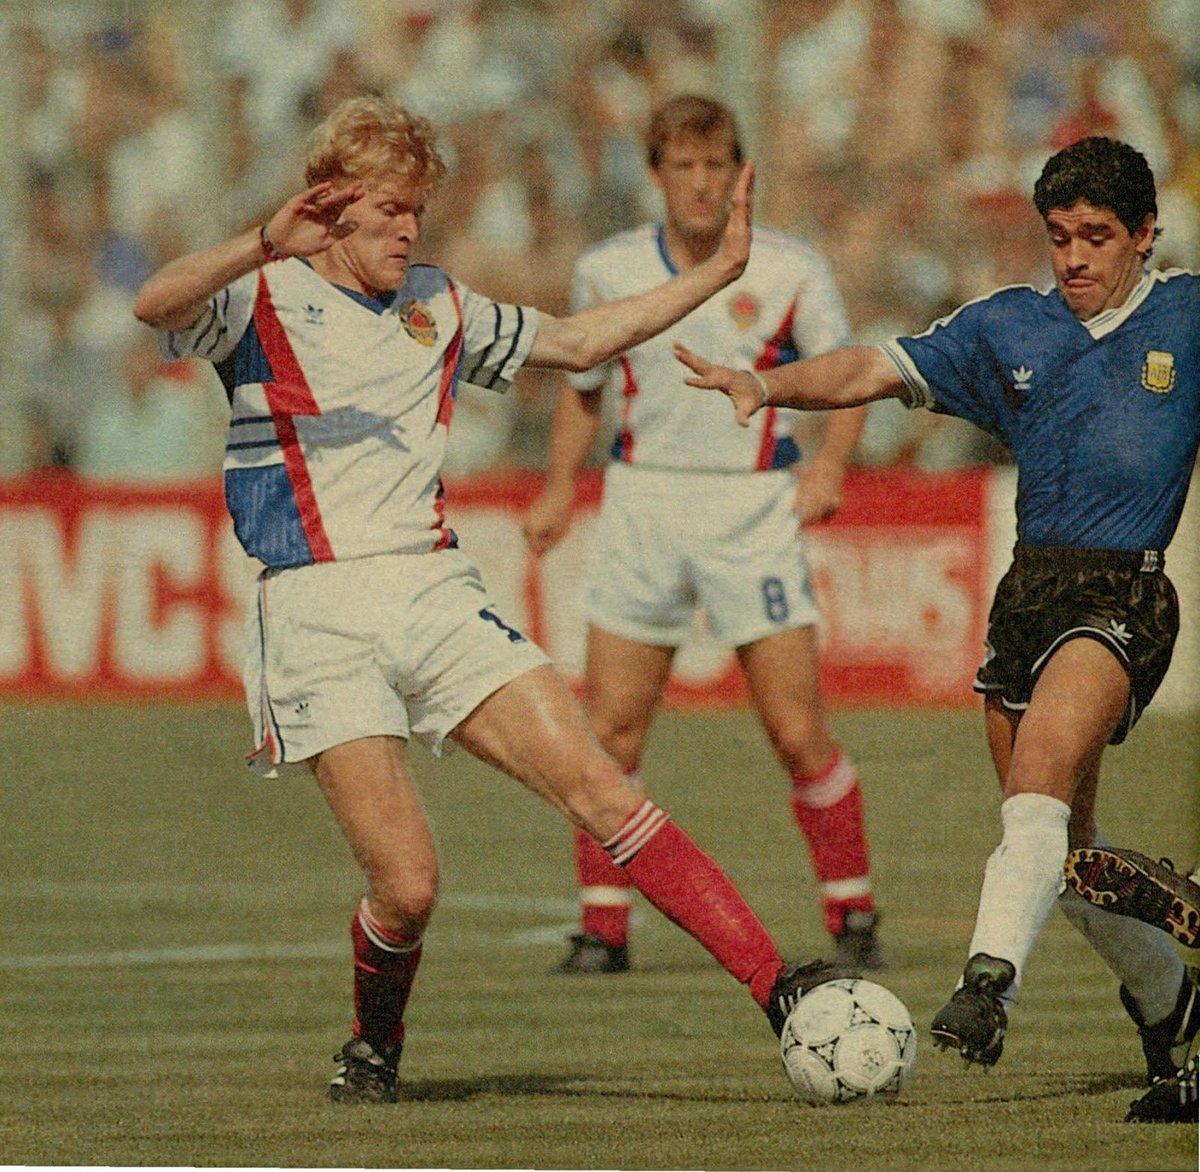 #Europa 🌍  Una foto doble con una particularidad: en #Italia90, Maradona enfrentó a Robert Prosinecki, que jugaba para Yugoslavia. Y en junio de 1994, volvió a cruzarse con Prosinecki, pero esta vez en un amistoso que marcó su debut para la selección de #Croacia 🇭🇷. https://t.co/uTOoPtQwlY